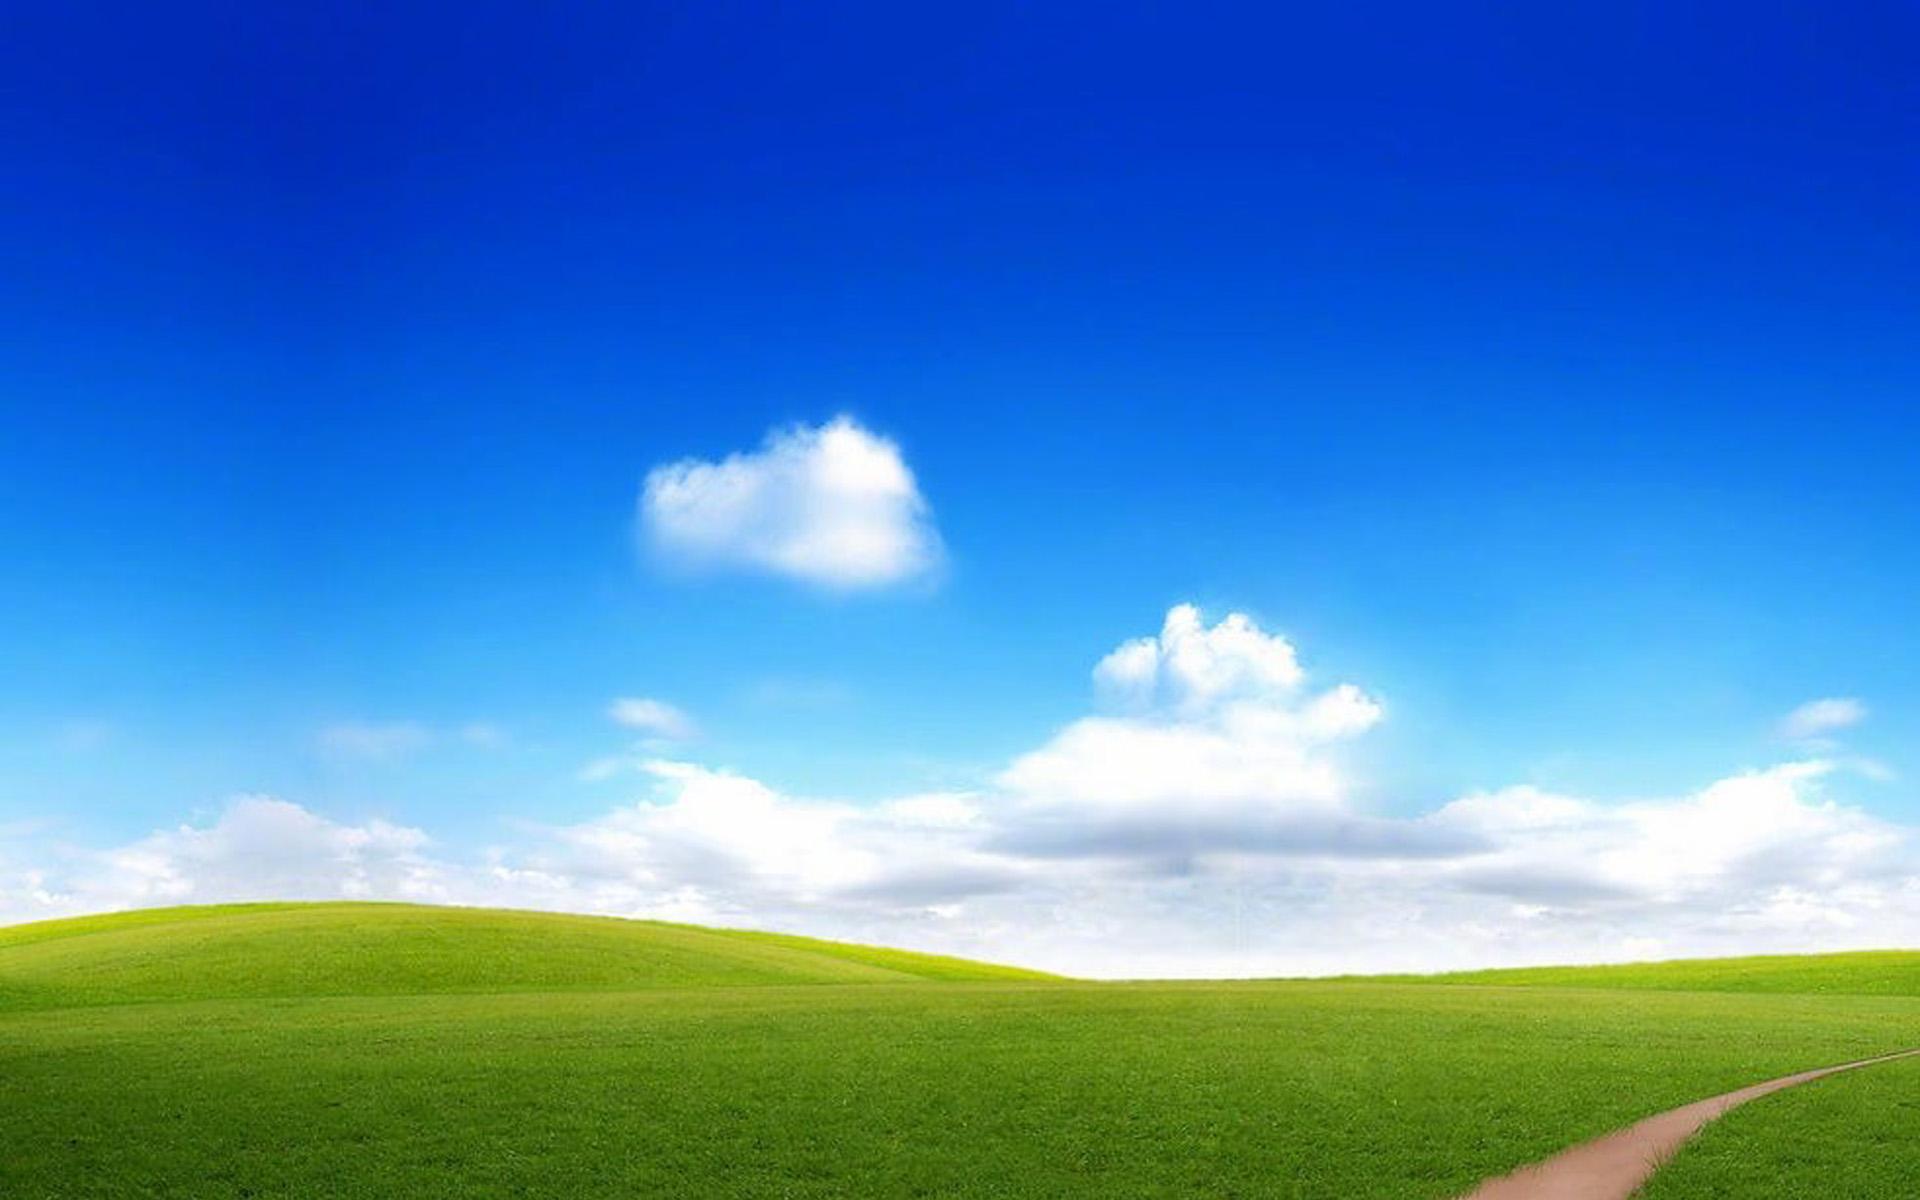 好看唯美的春日草原美景桌面图片